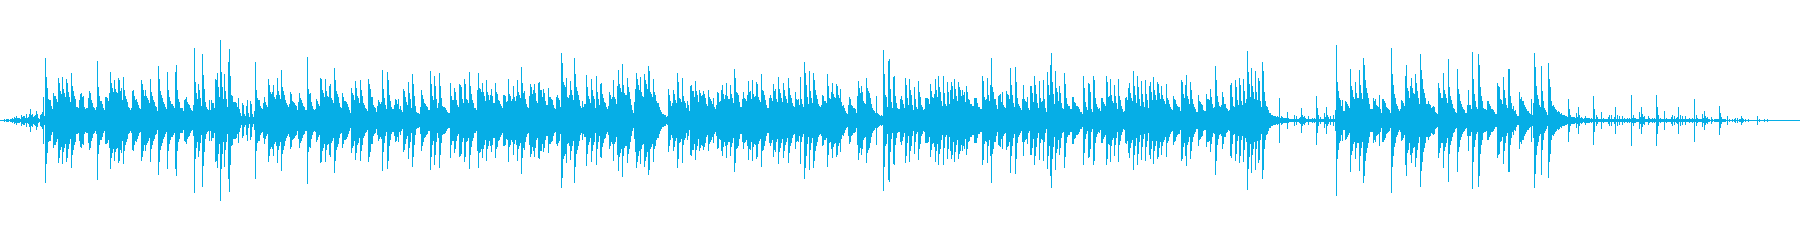 クラシック、ショパンワルツっぽい、...の再生済みの波形